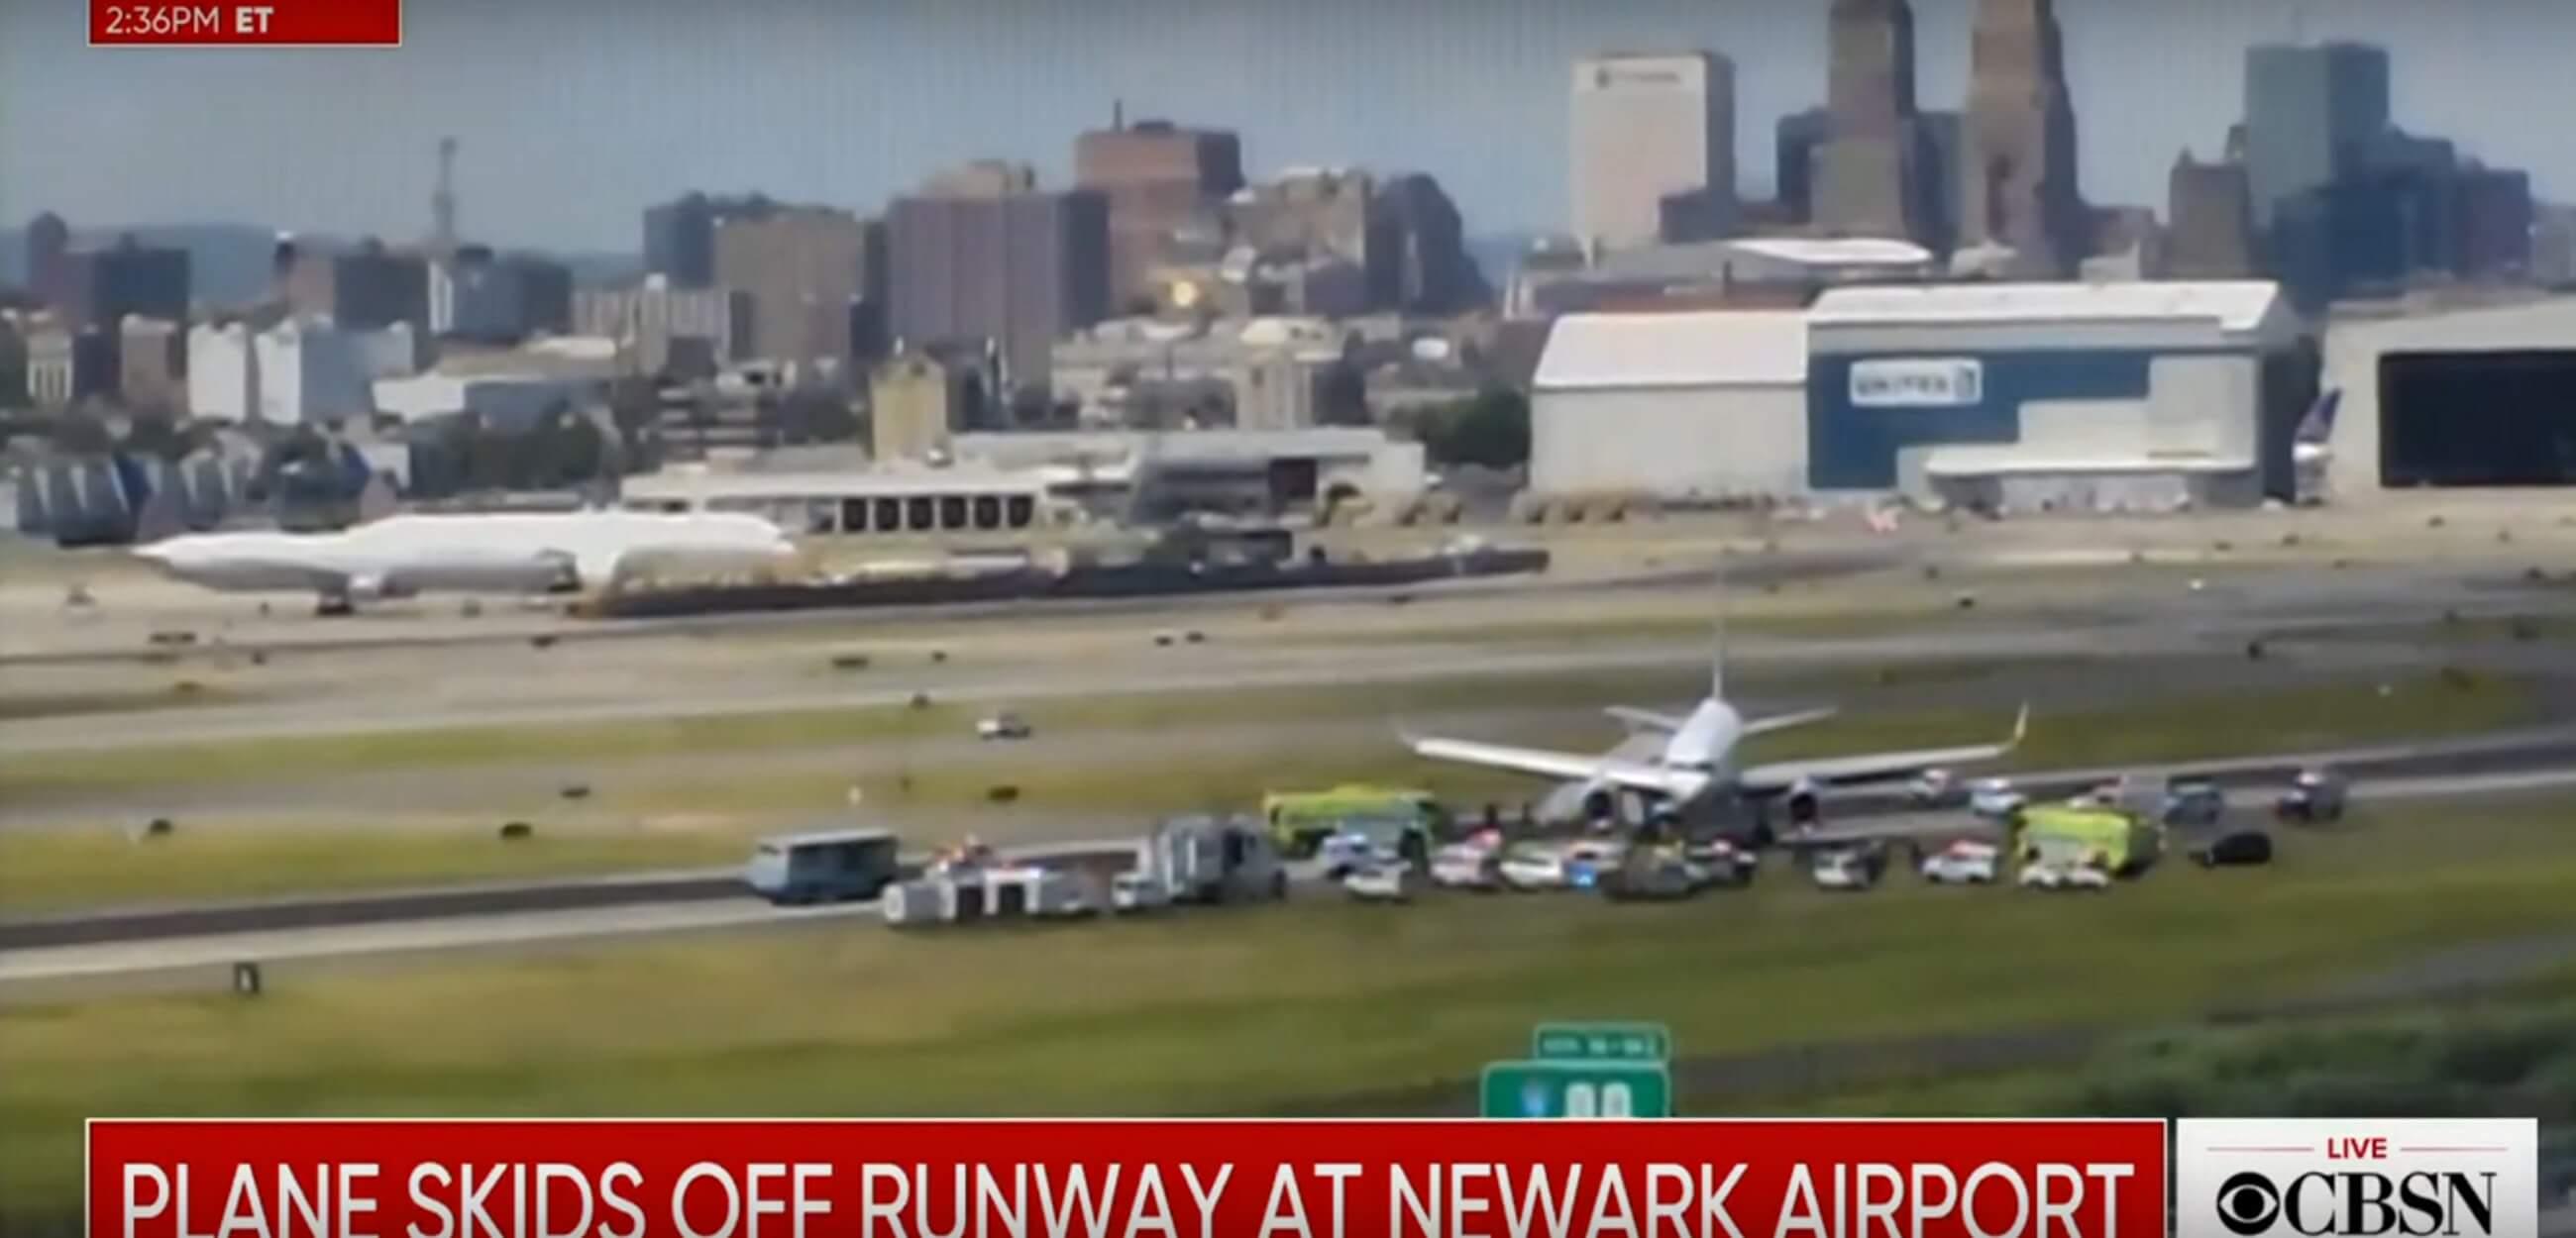 Νέα Υόρκη: Συναγερμός στο αεροδρόμιο του Νιούαρκ - Έκλεισε όταν αεροσκάφος βγήκε εκτός πίστας! Video